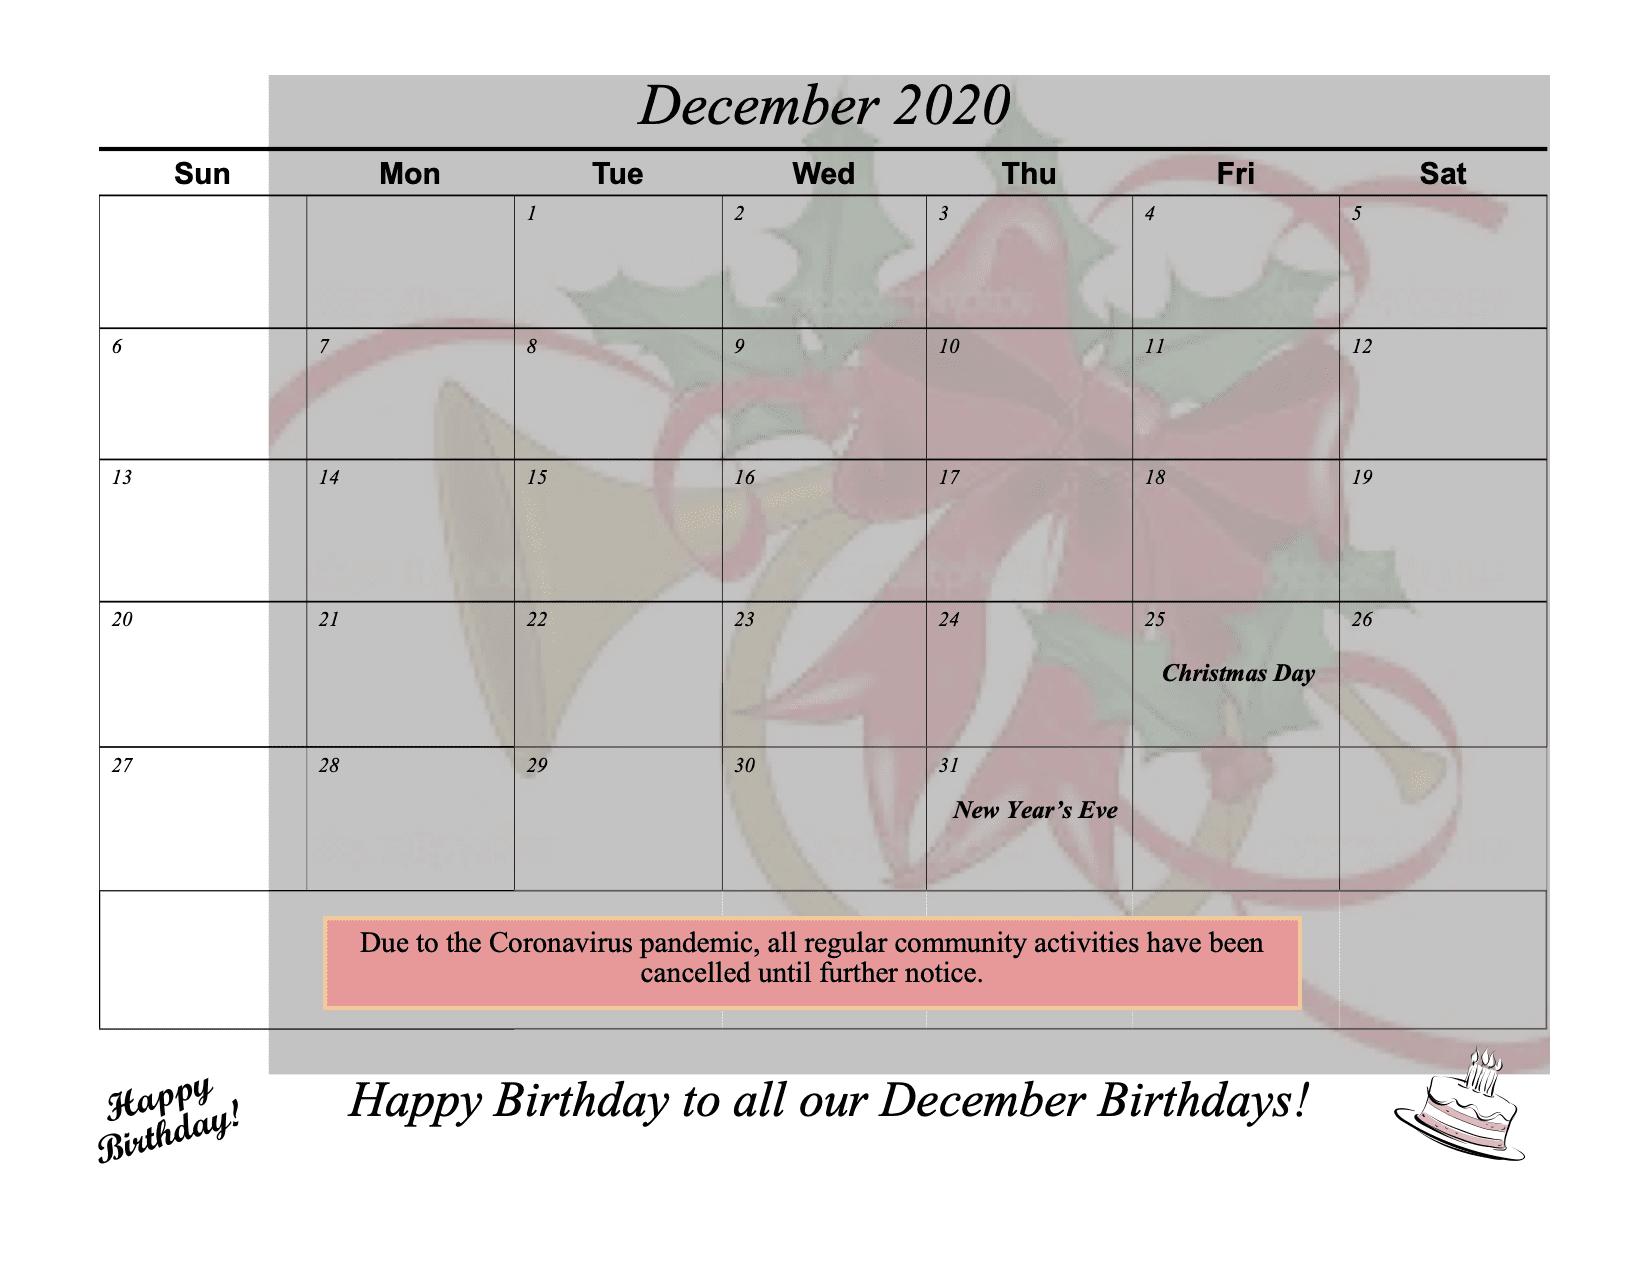 Dec. 2020 Calendar & Activities - website